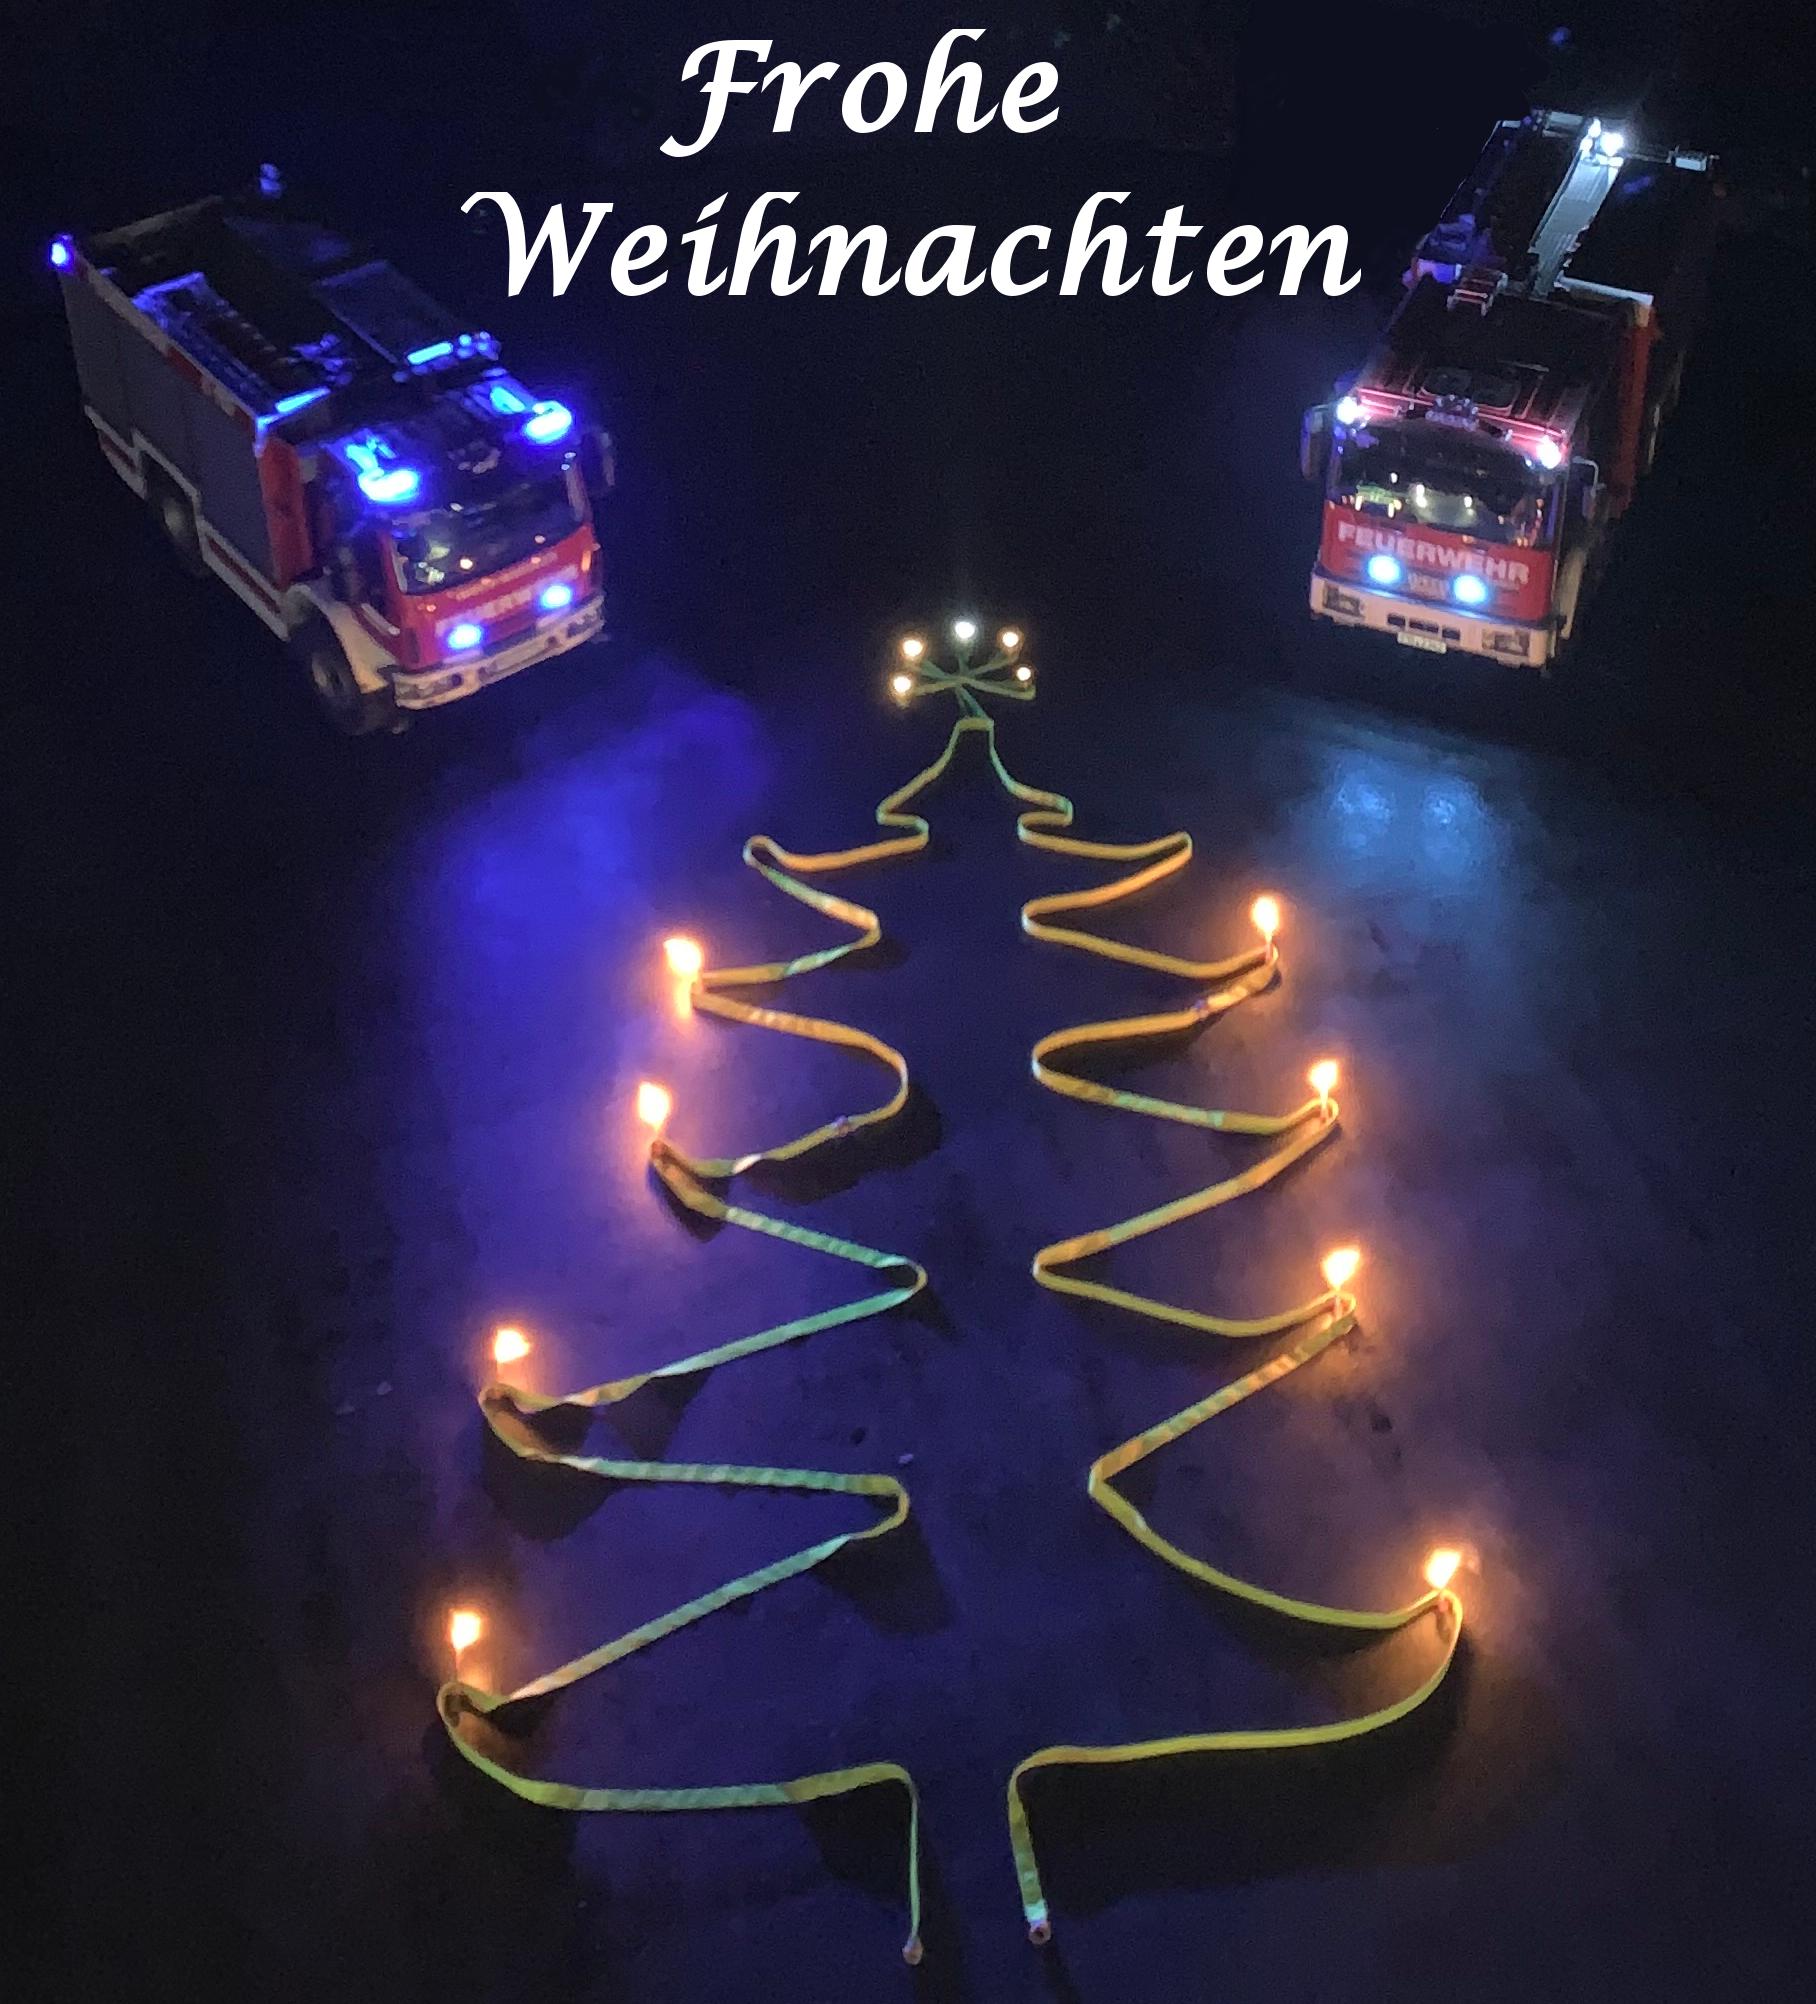 Das Weihnachten.Frohe Weihnachten Feuerwehr Altenbeken